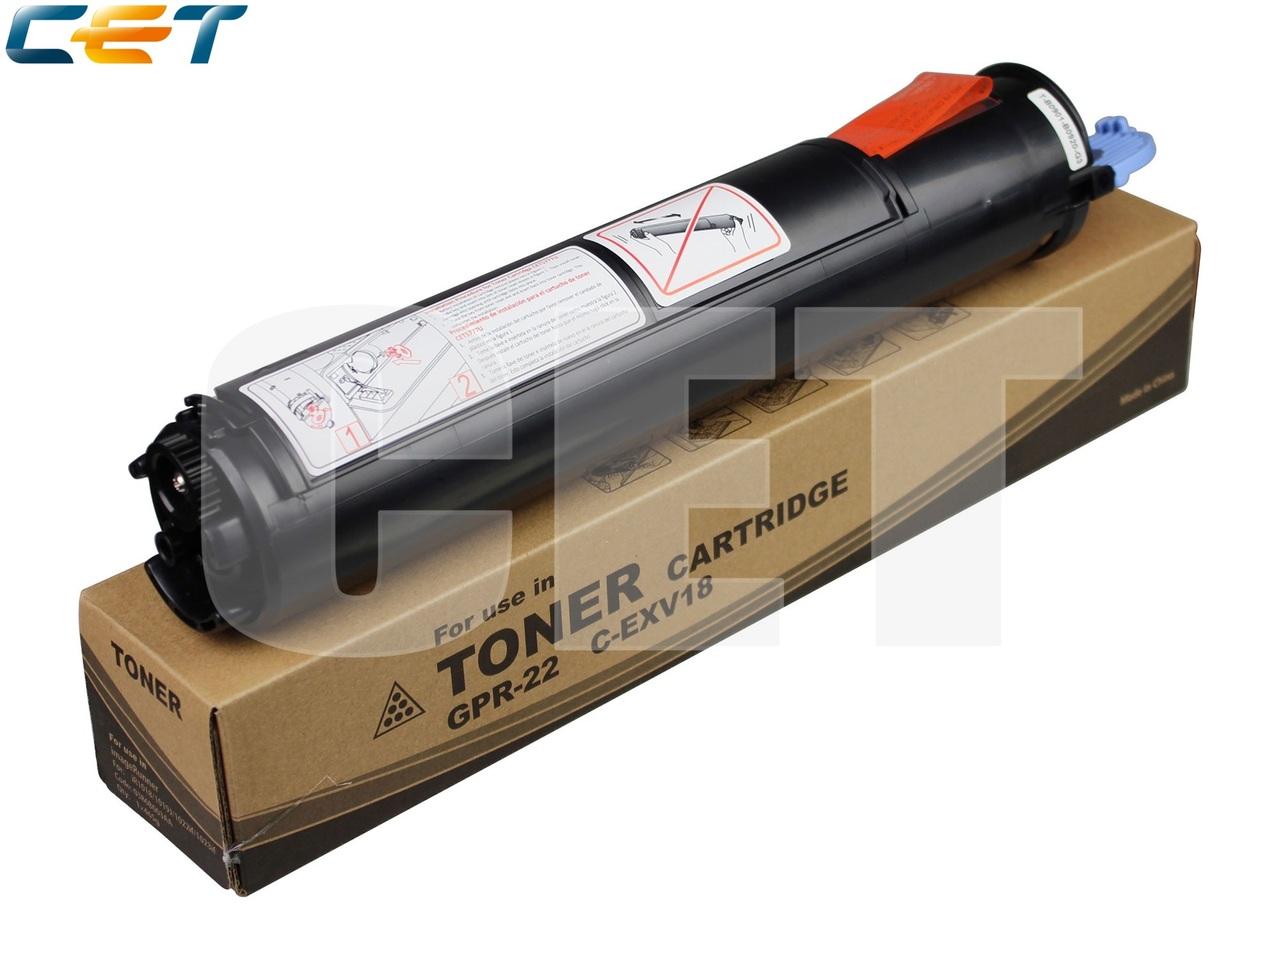 Тонер-картридж C-EXV18 для CANONiR1018/1019/1022/1023/1024/1025 (CET), 465г, 9000 стр.,CET5777N